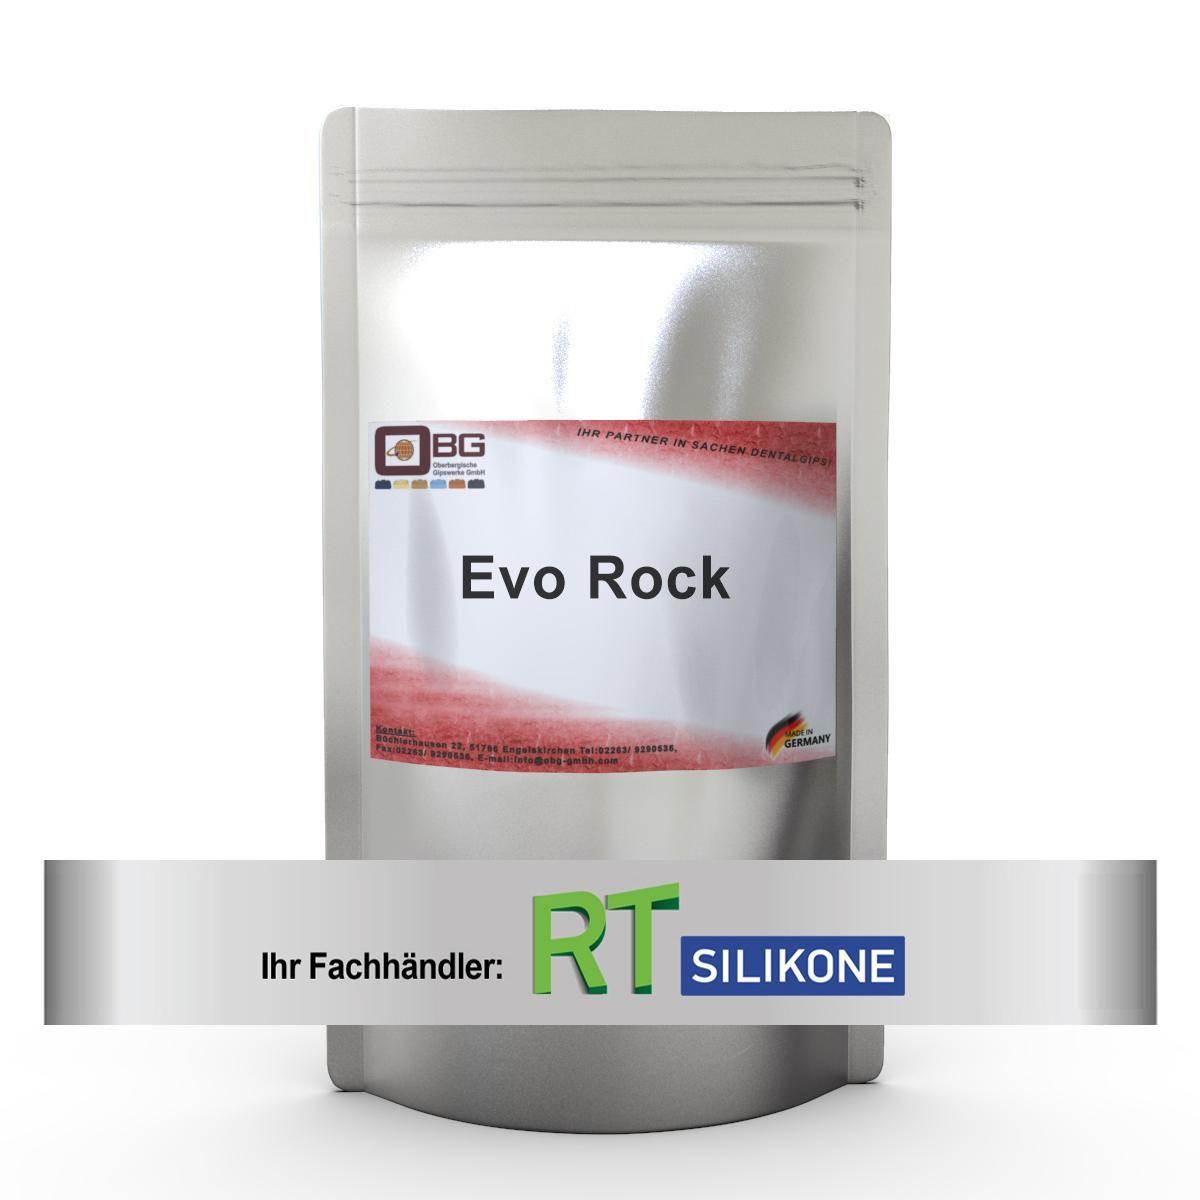 EVO Rock Zahnkranzgips sand 5:1